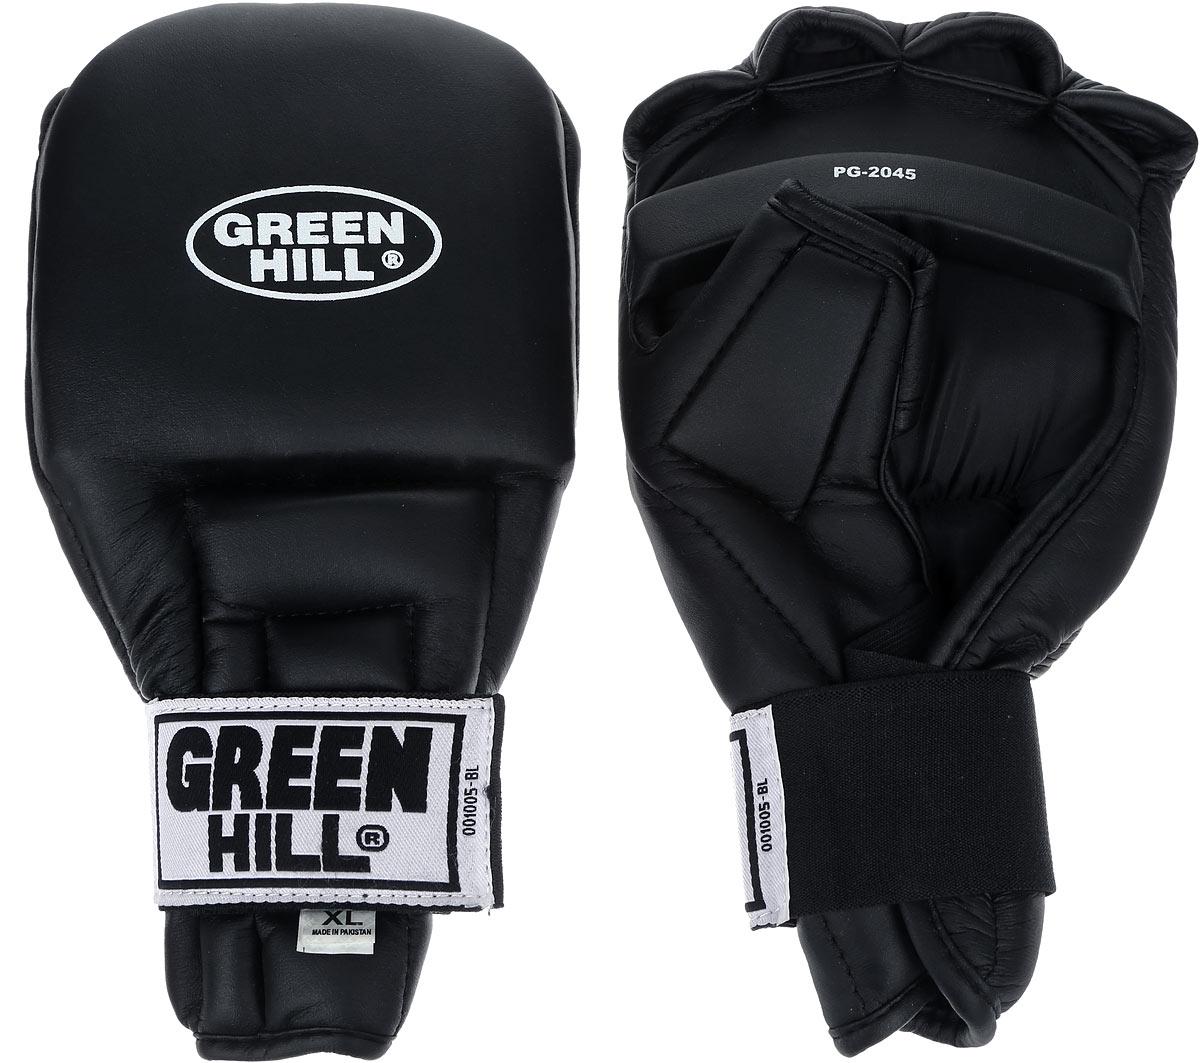 Перчатки для рукопашного боя Green Hill, цвет: черный. Размер XL. PG-2045SF 0085Перчатки для рукопашного боя Green Hill произведены из высококачественной искусственной кожи. Подойдут для занятий кунг-фу. Конструкция предусматривает открытые пальцы - необходимый атрибут для проведения захватов. Манжеты на липучках позволяют быстро снимать и надевать перчатки без каких-либо неудобств. Анатомическая посадка предохраняет руки от повреждений.